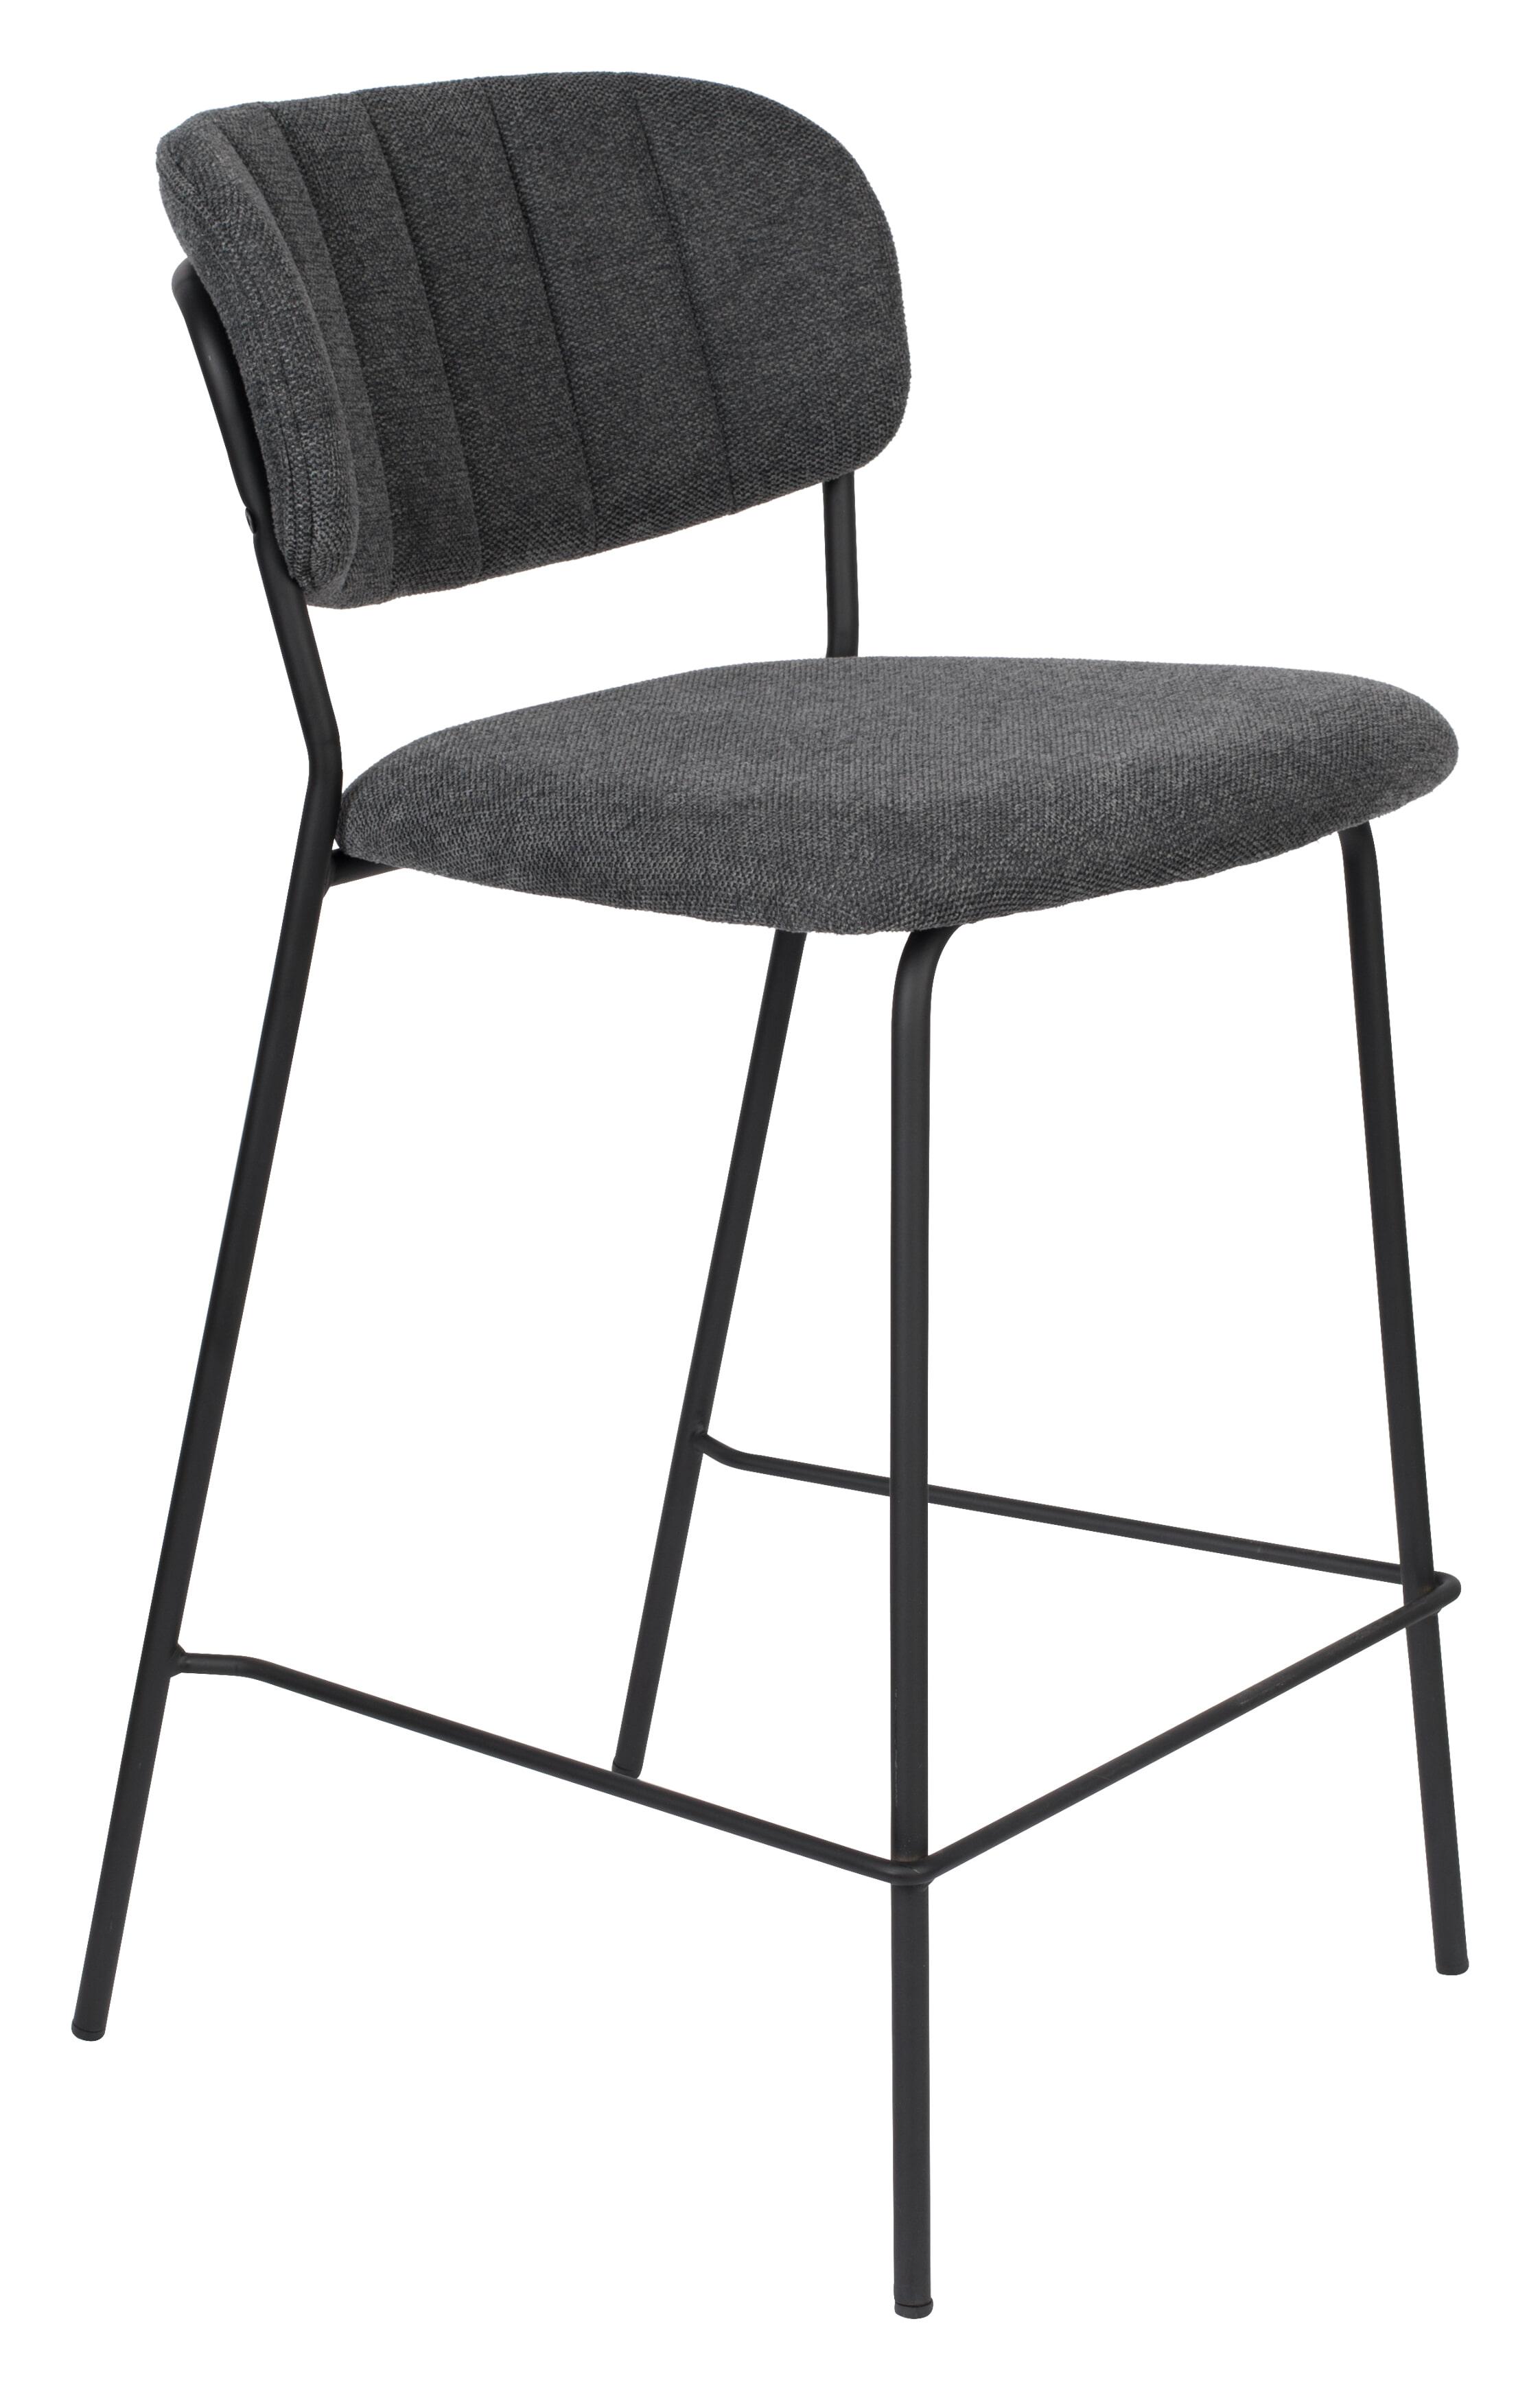 ZILT Barstoel 'Kolten' kleur Zwart/Donkergrijs (zithoogte 65cm)